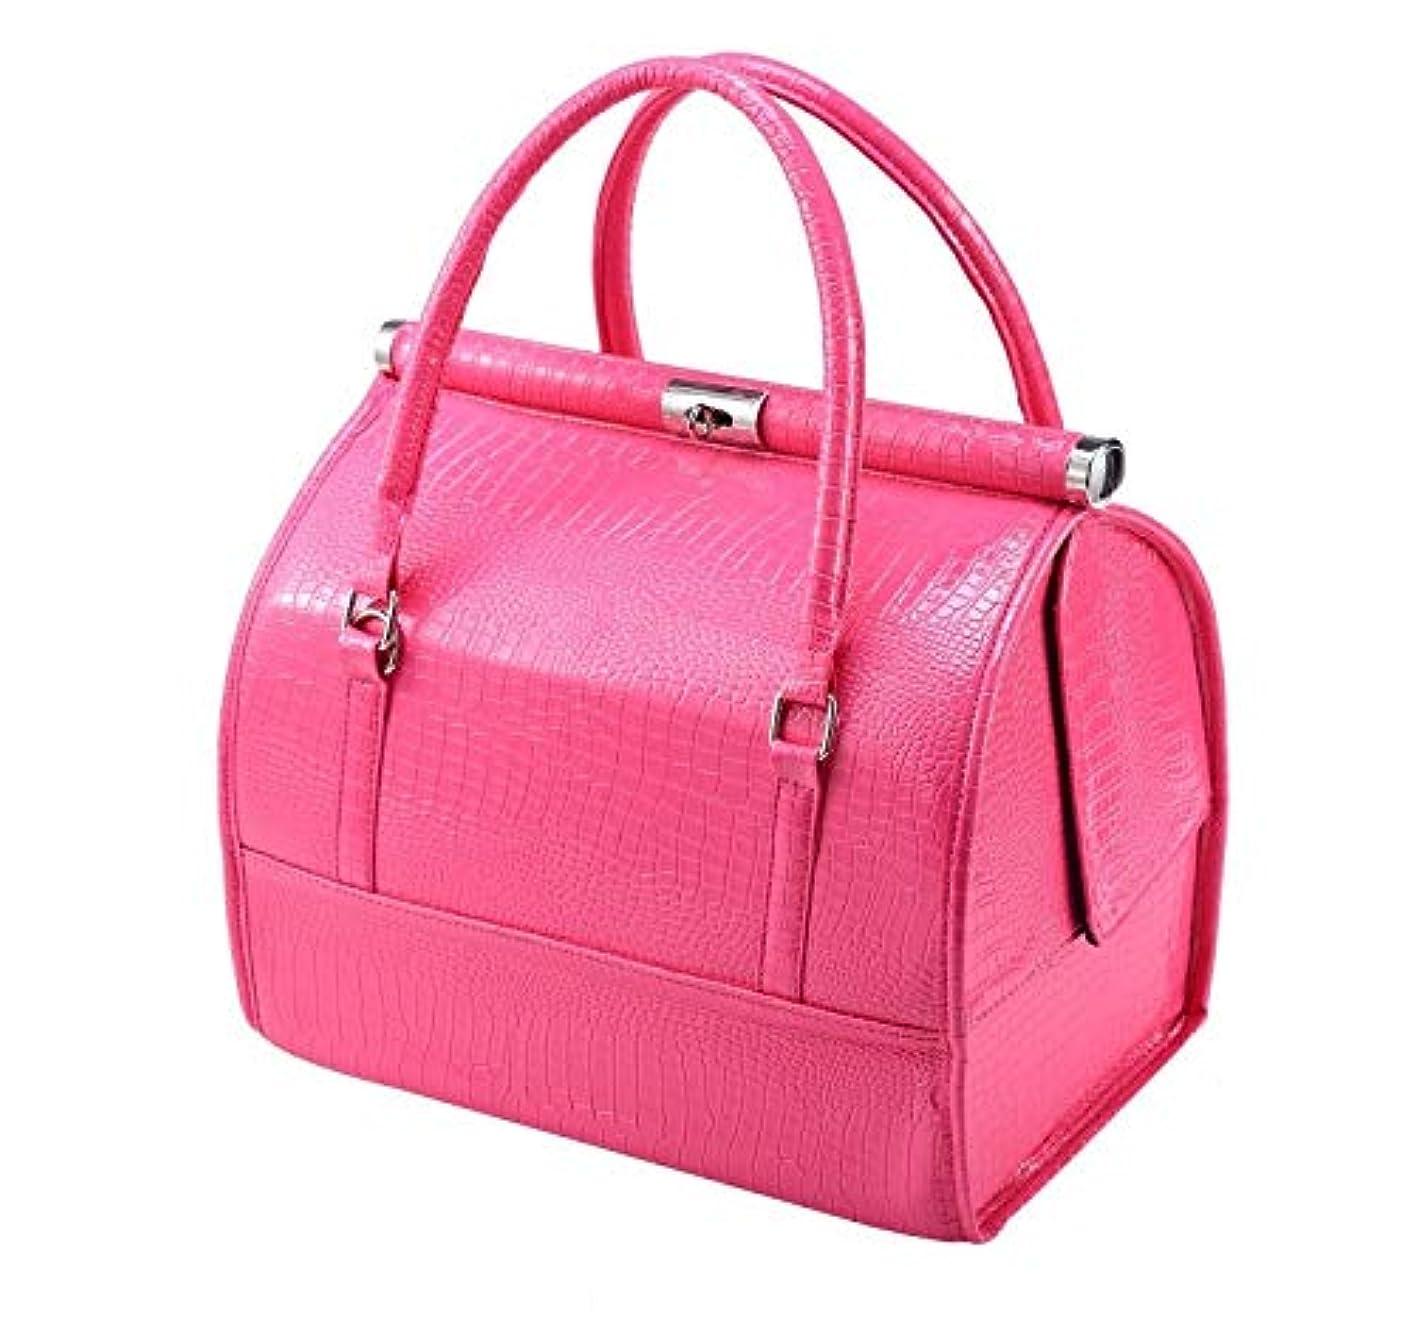 レンジ床支援する化粧箱、大容量の対角および携帯用化粧品の箱、携帯用旅行化粧品袋、美の釘の宝石類の収納箱 (Color : ピンク)